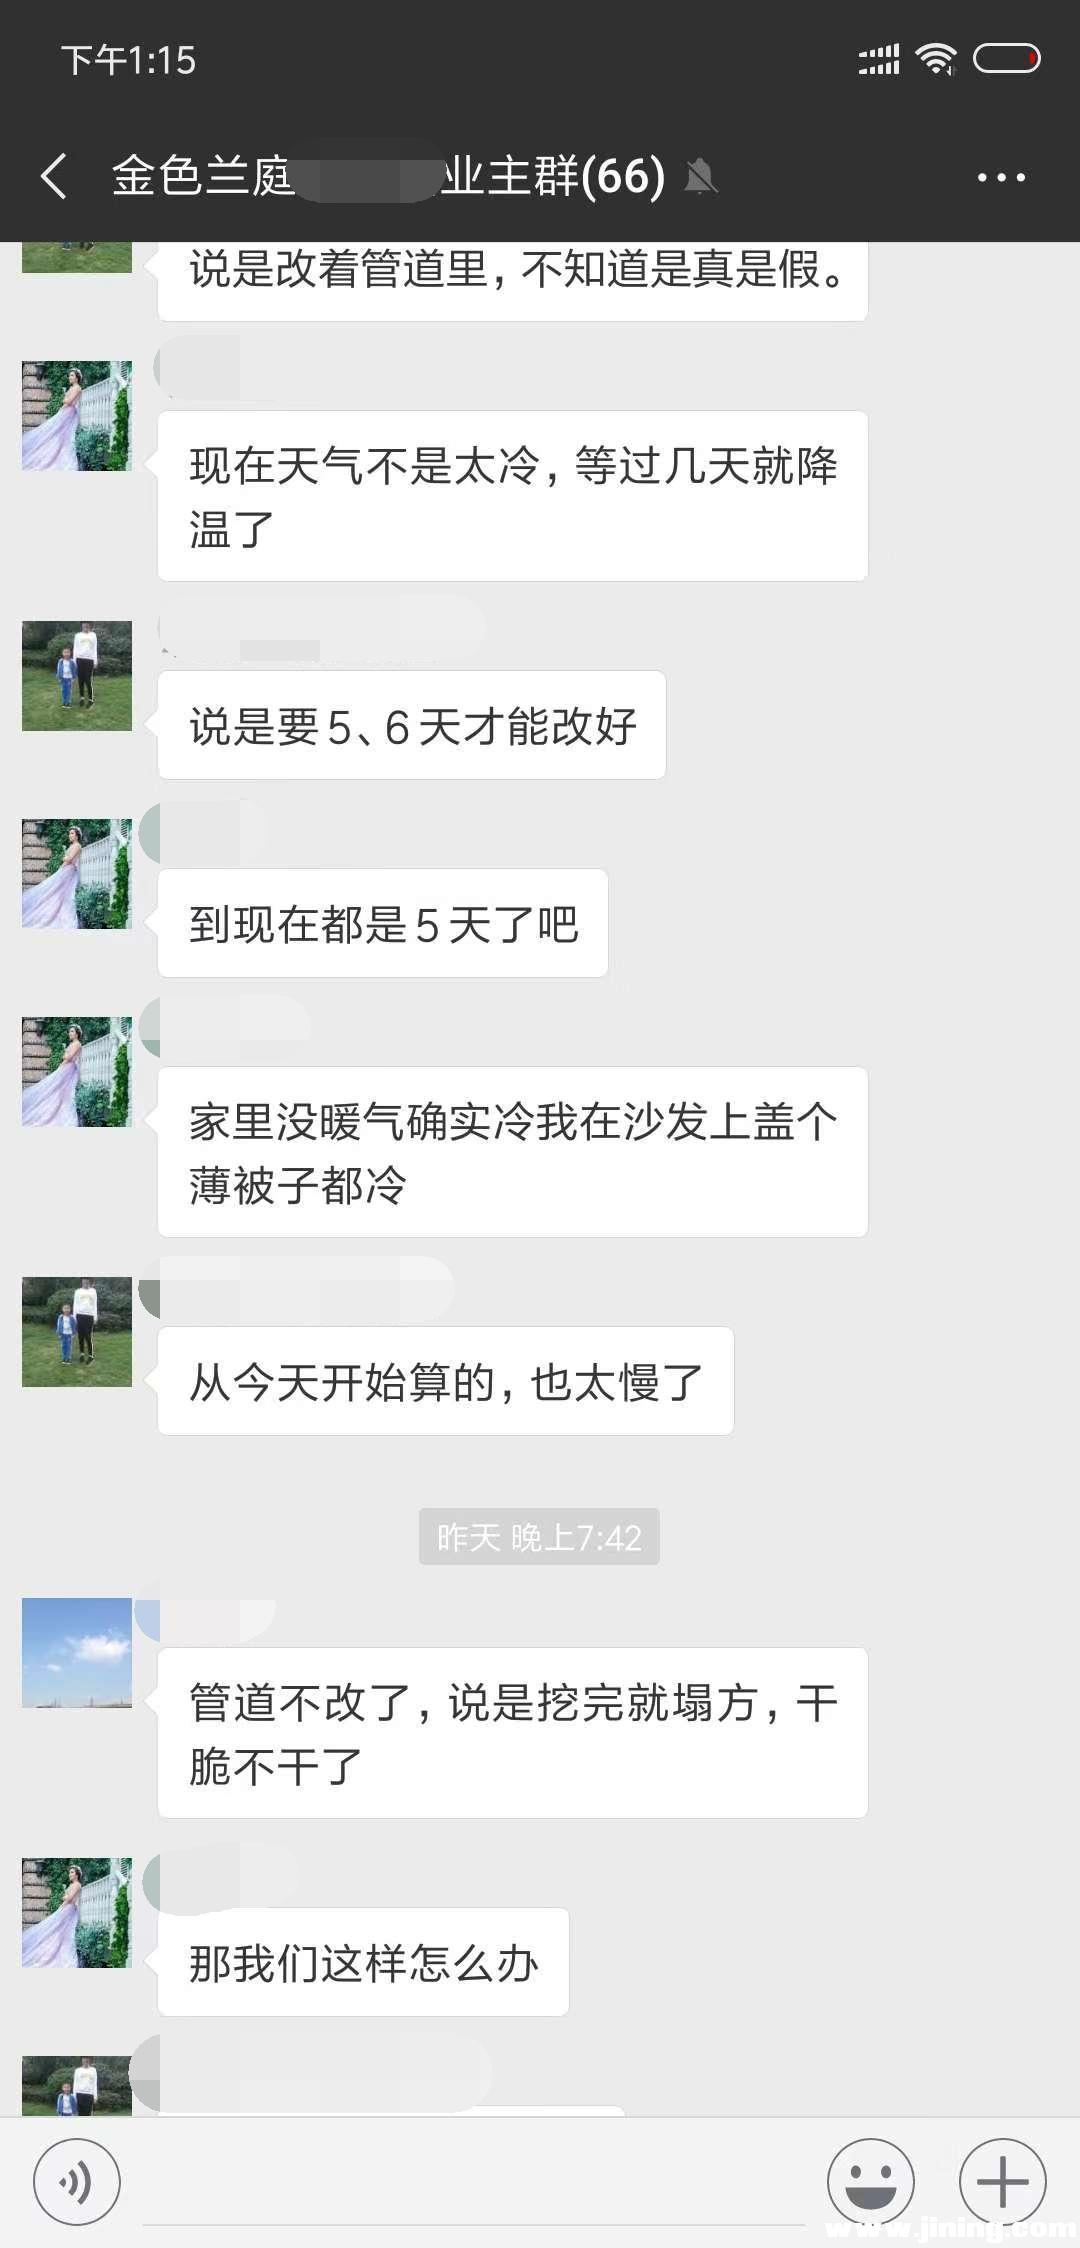 12.21 8_看图王.jpg